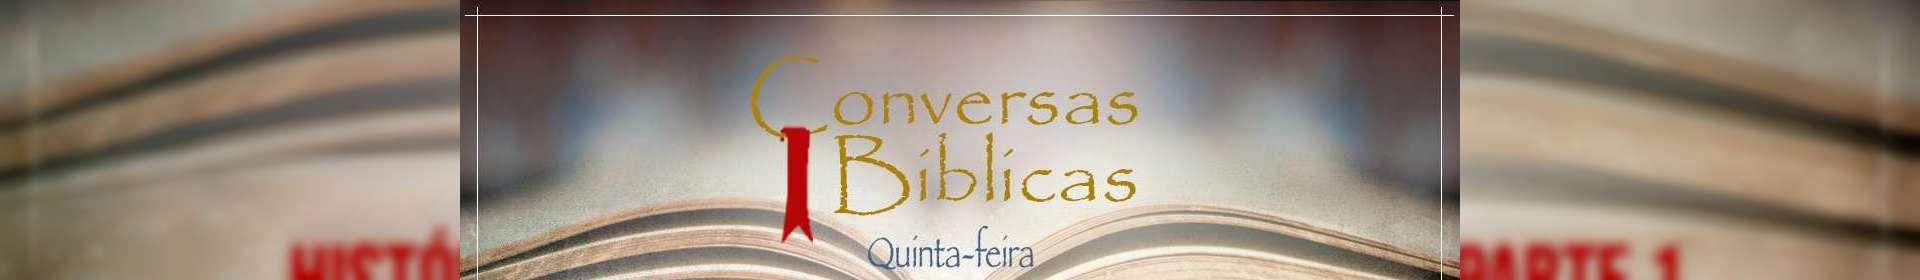 Conversas Bíblicas: História da Igreja Cristã Maranata - Parte 1